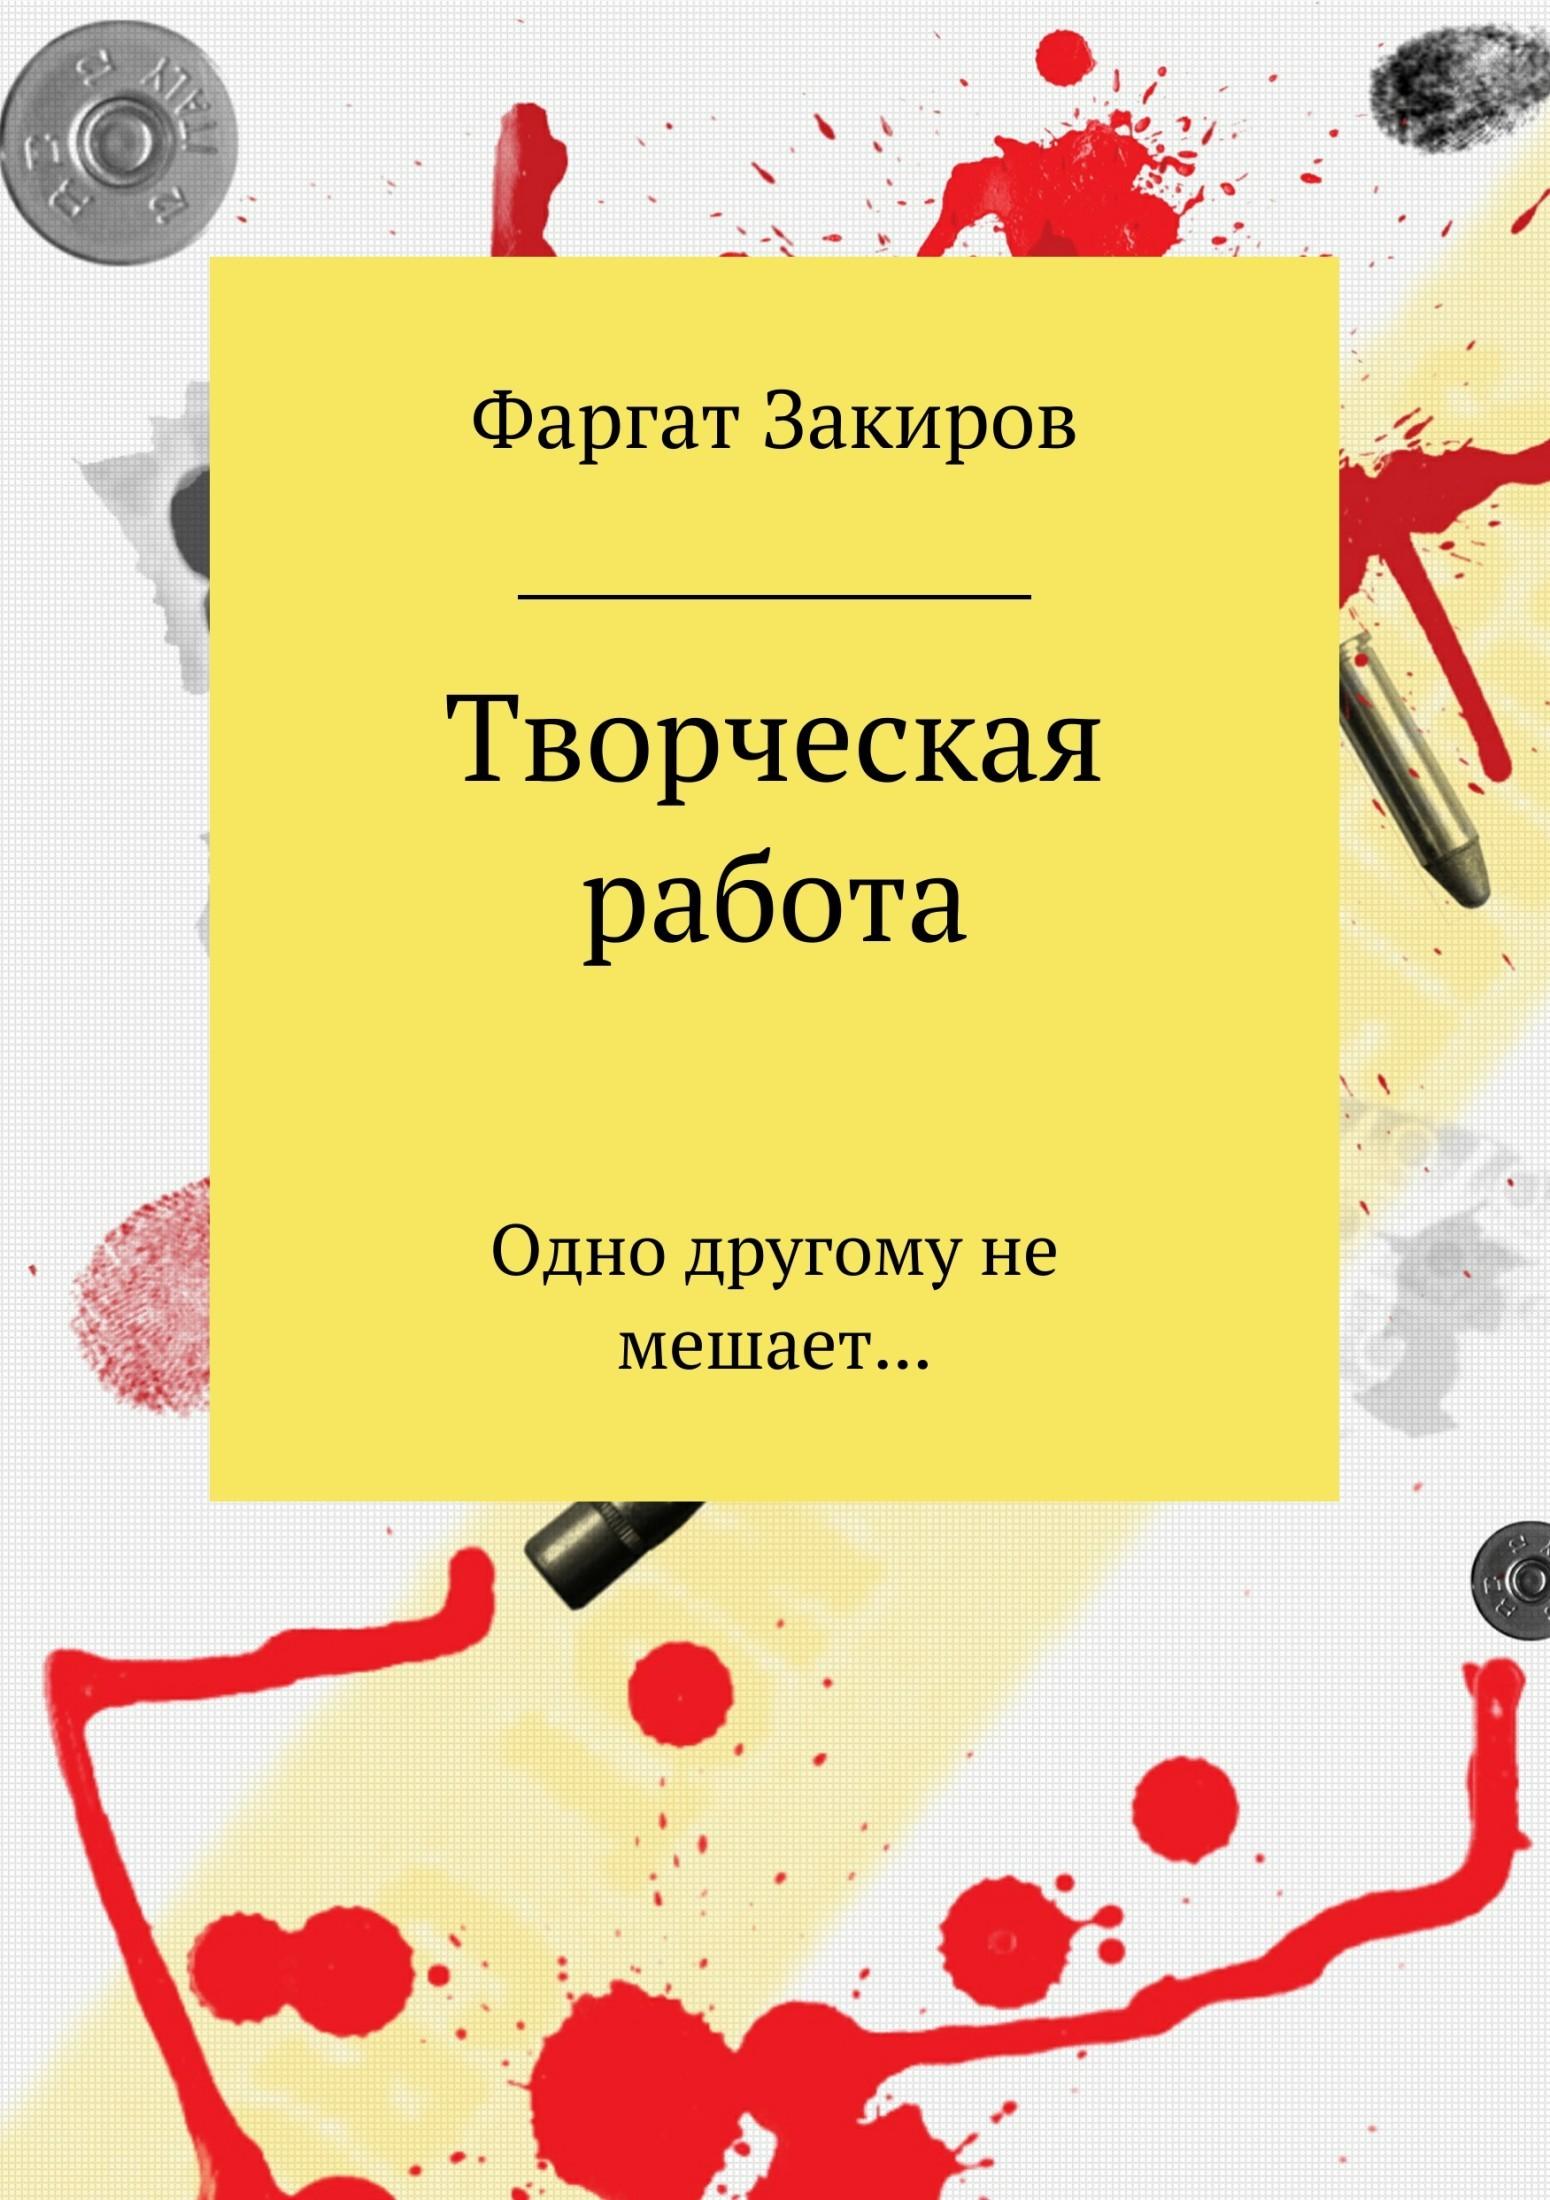 Фаргат Фаридович Закиров бесплатно